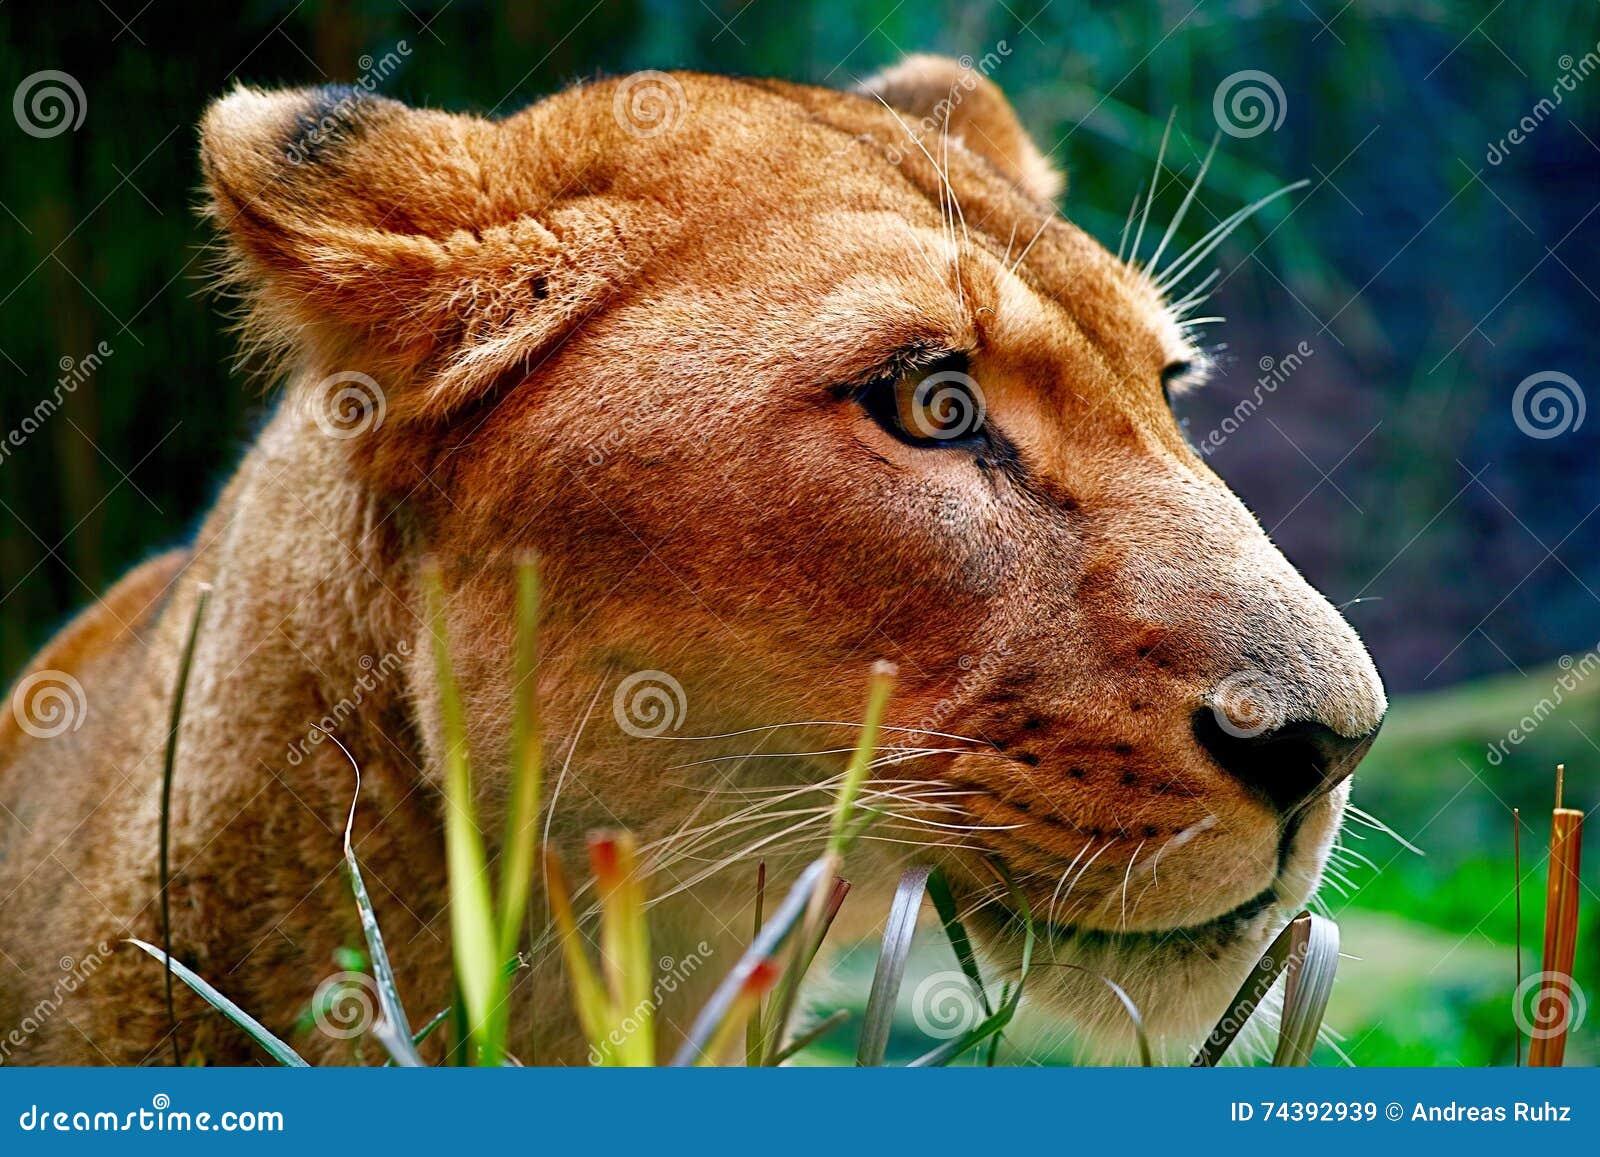 Zniewalająca Doskonała lwica z Rzeźbionym Pełen wdzięku profilem